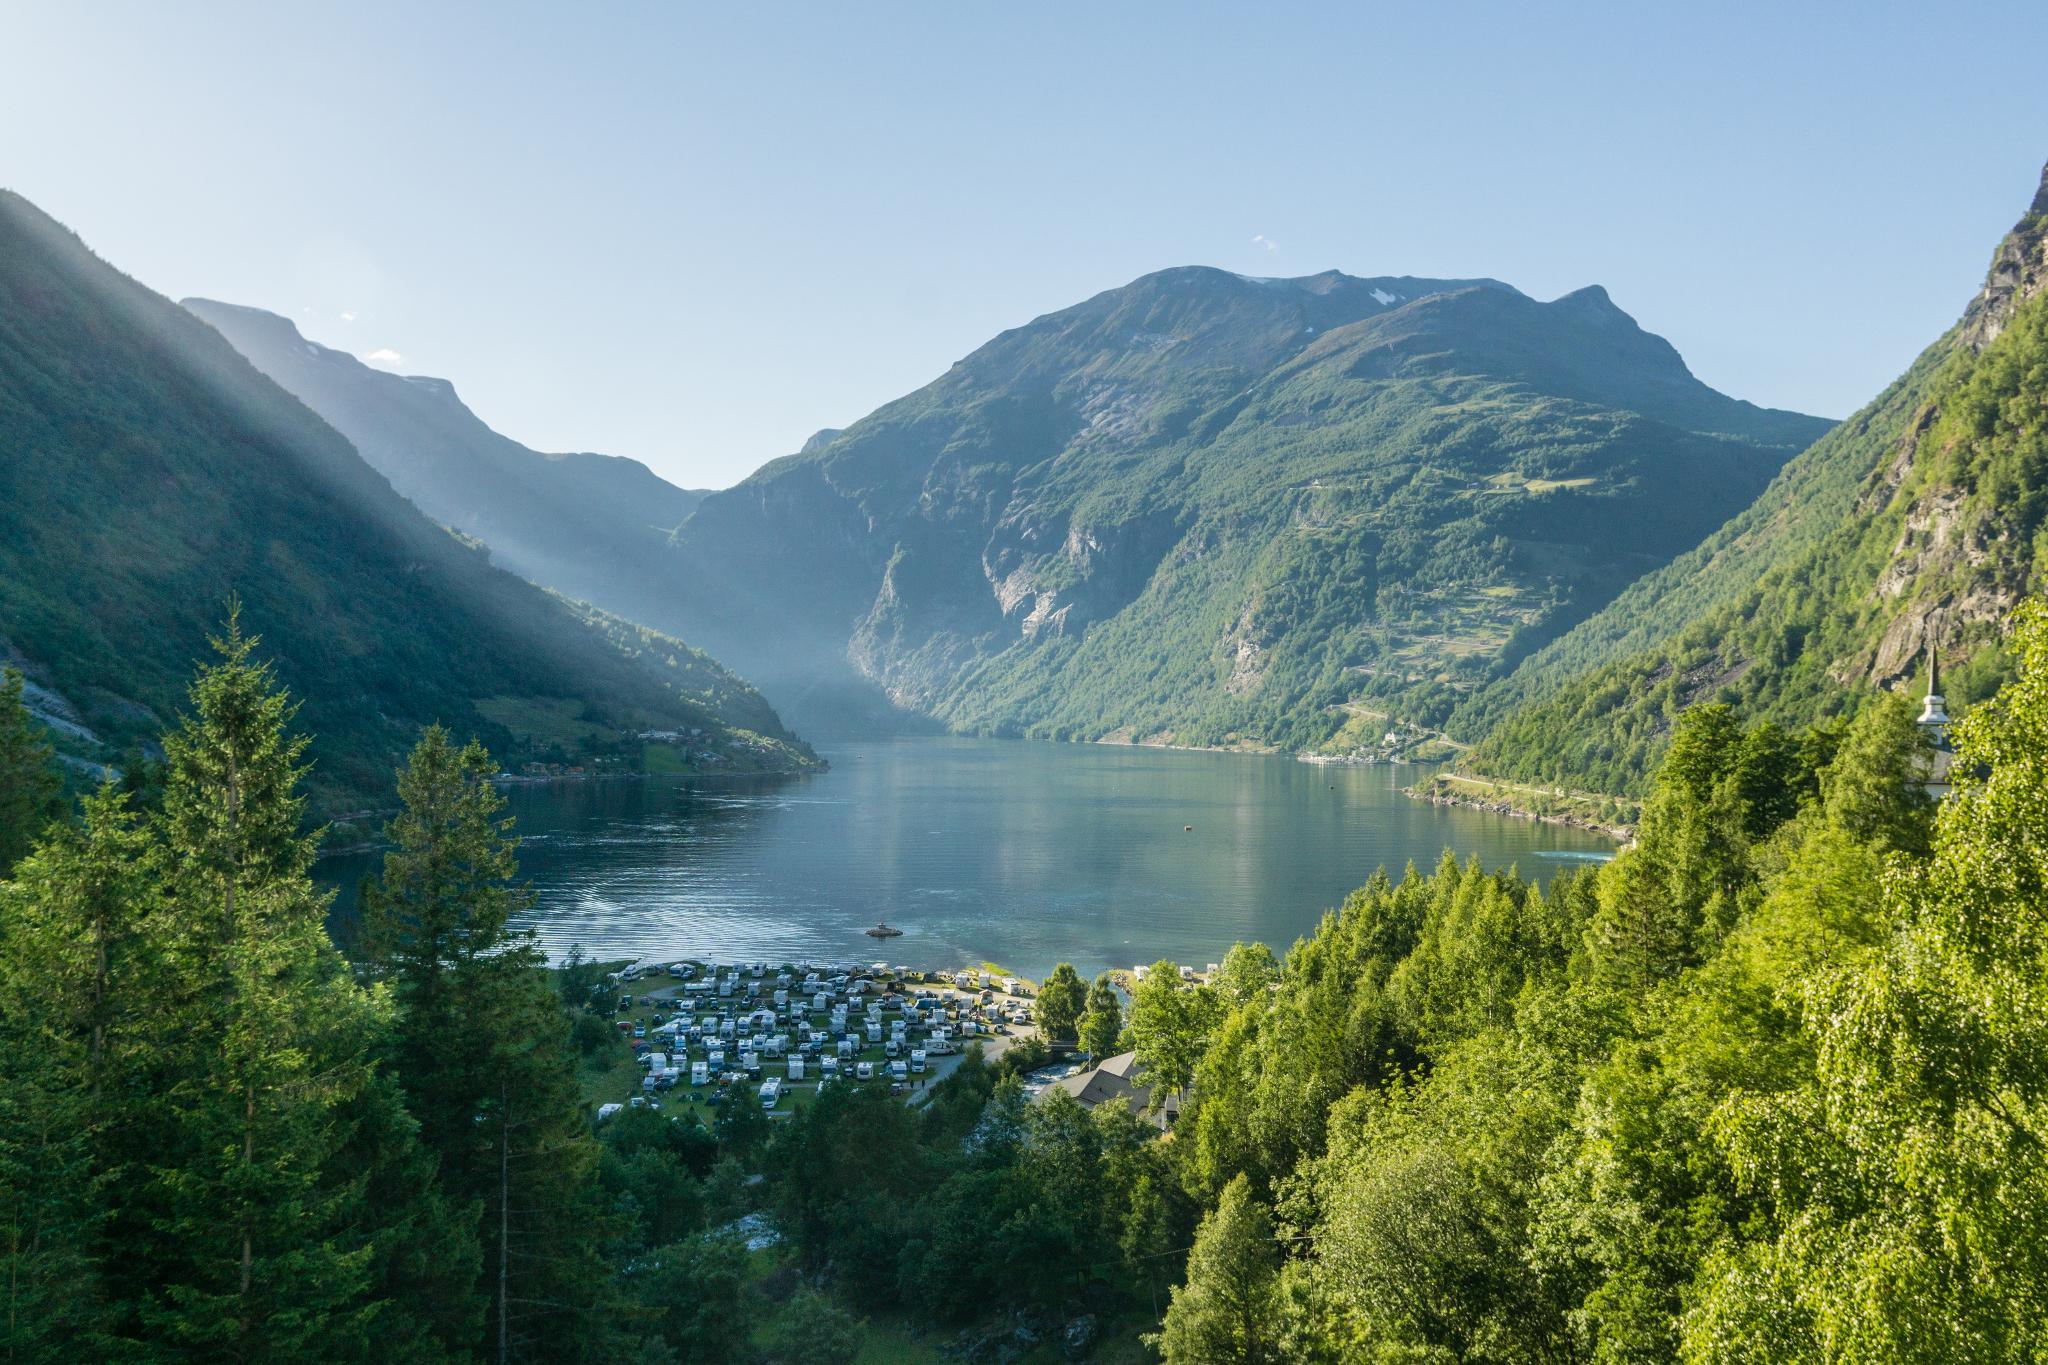 【北歐景點】Ørnesvingen 老鷹之路 ∣ 挪威世界遺產 — 蓋倫格峽灣景點總整理 32